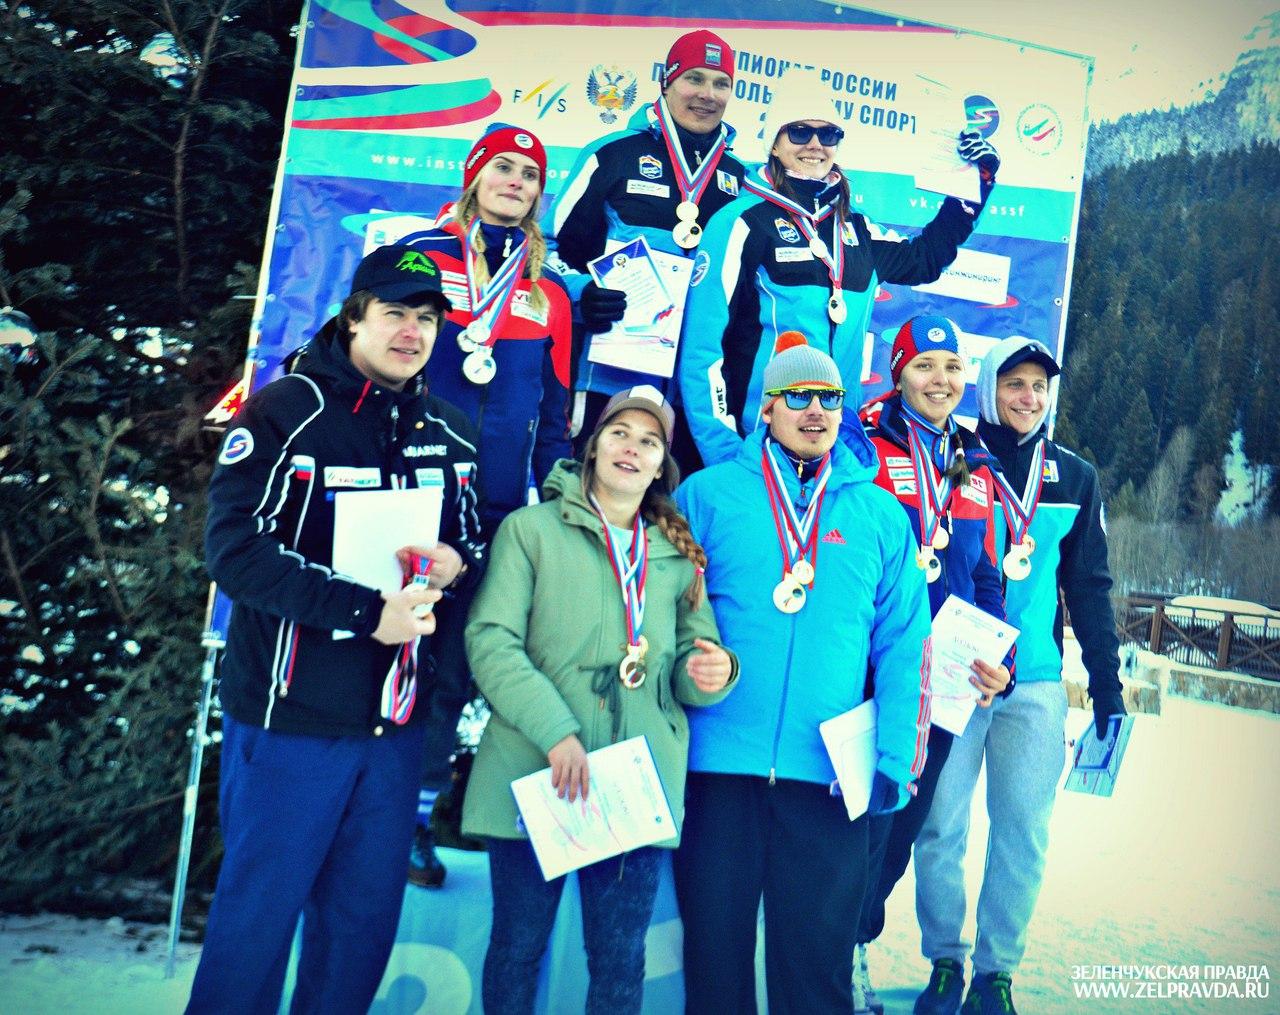 В Зеленчукском районе прошел Чемпионат России по горнолыжному спорту